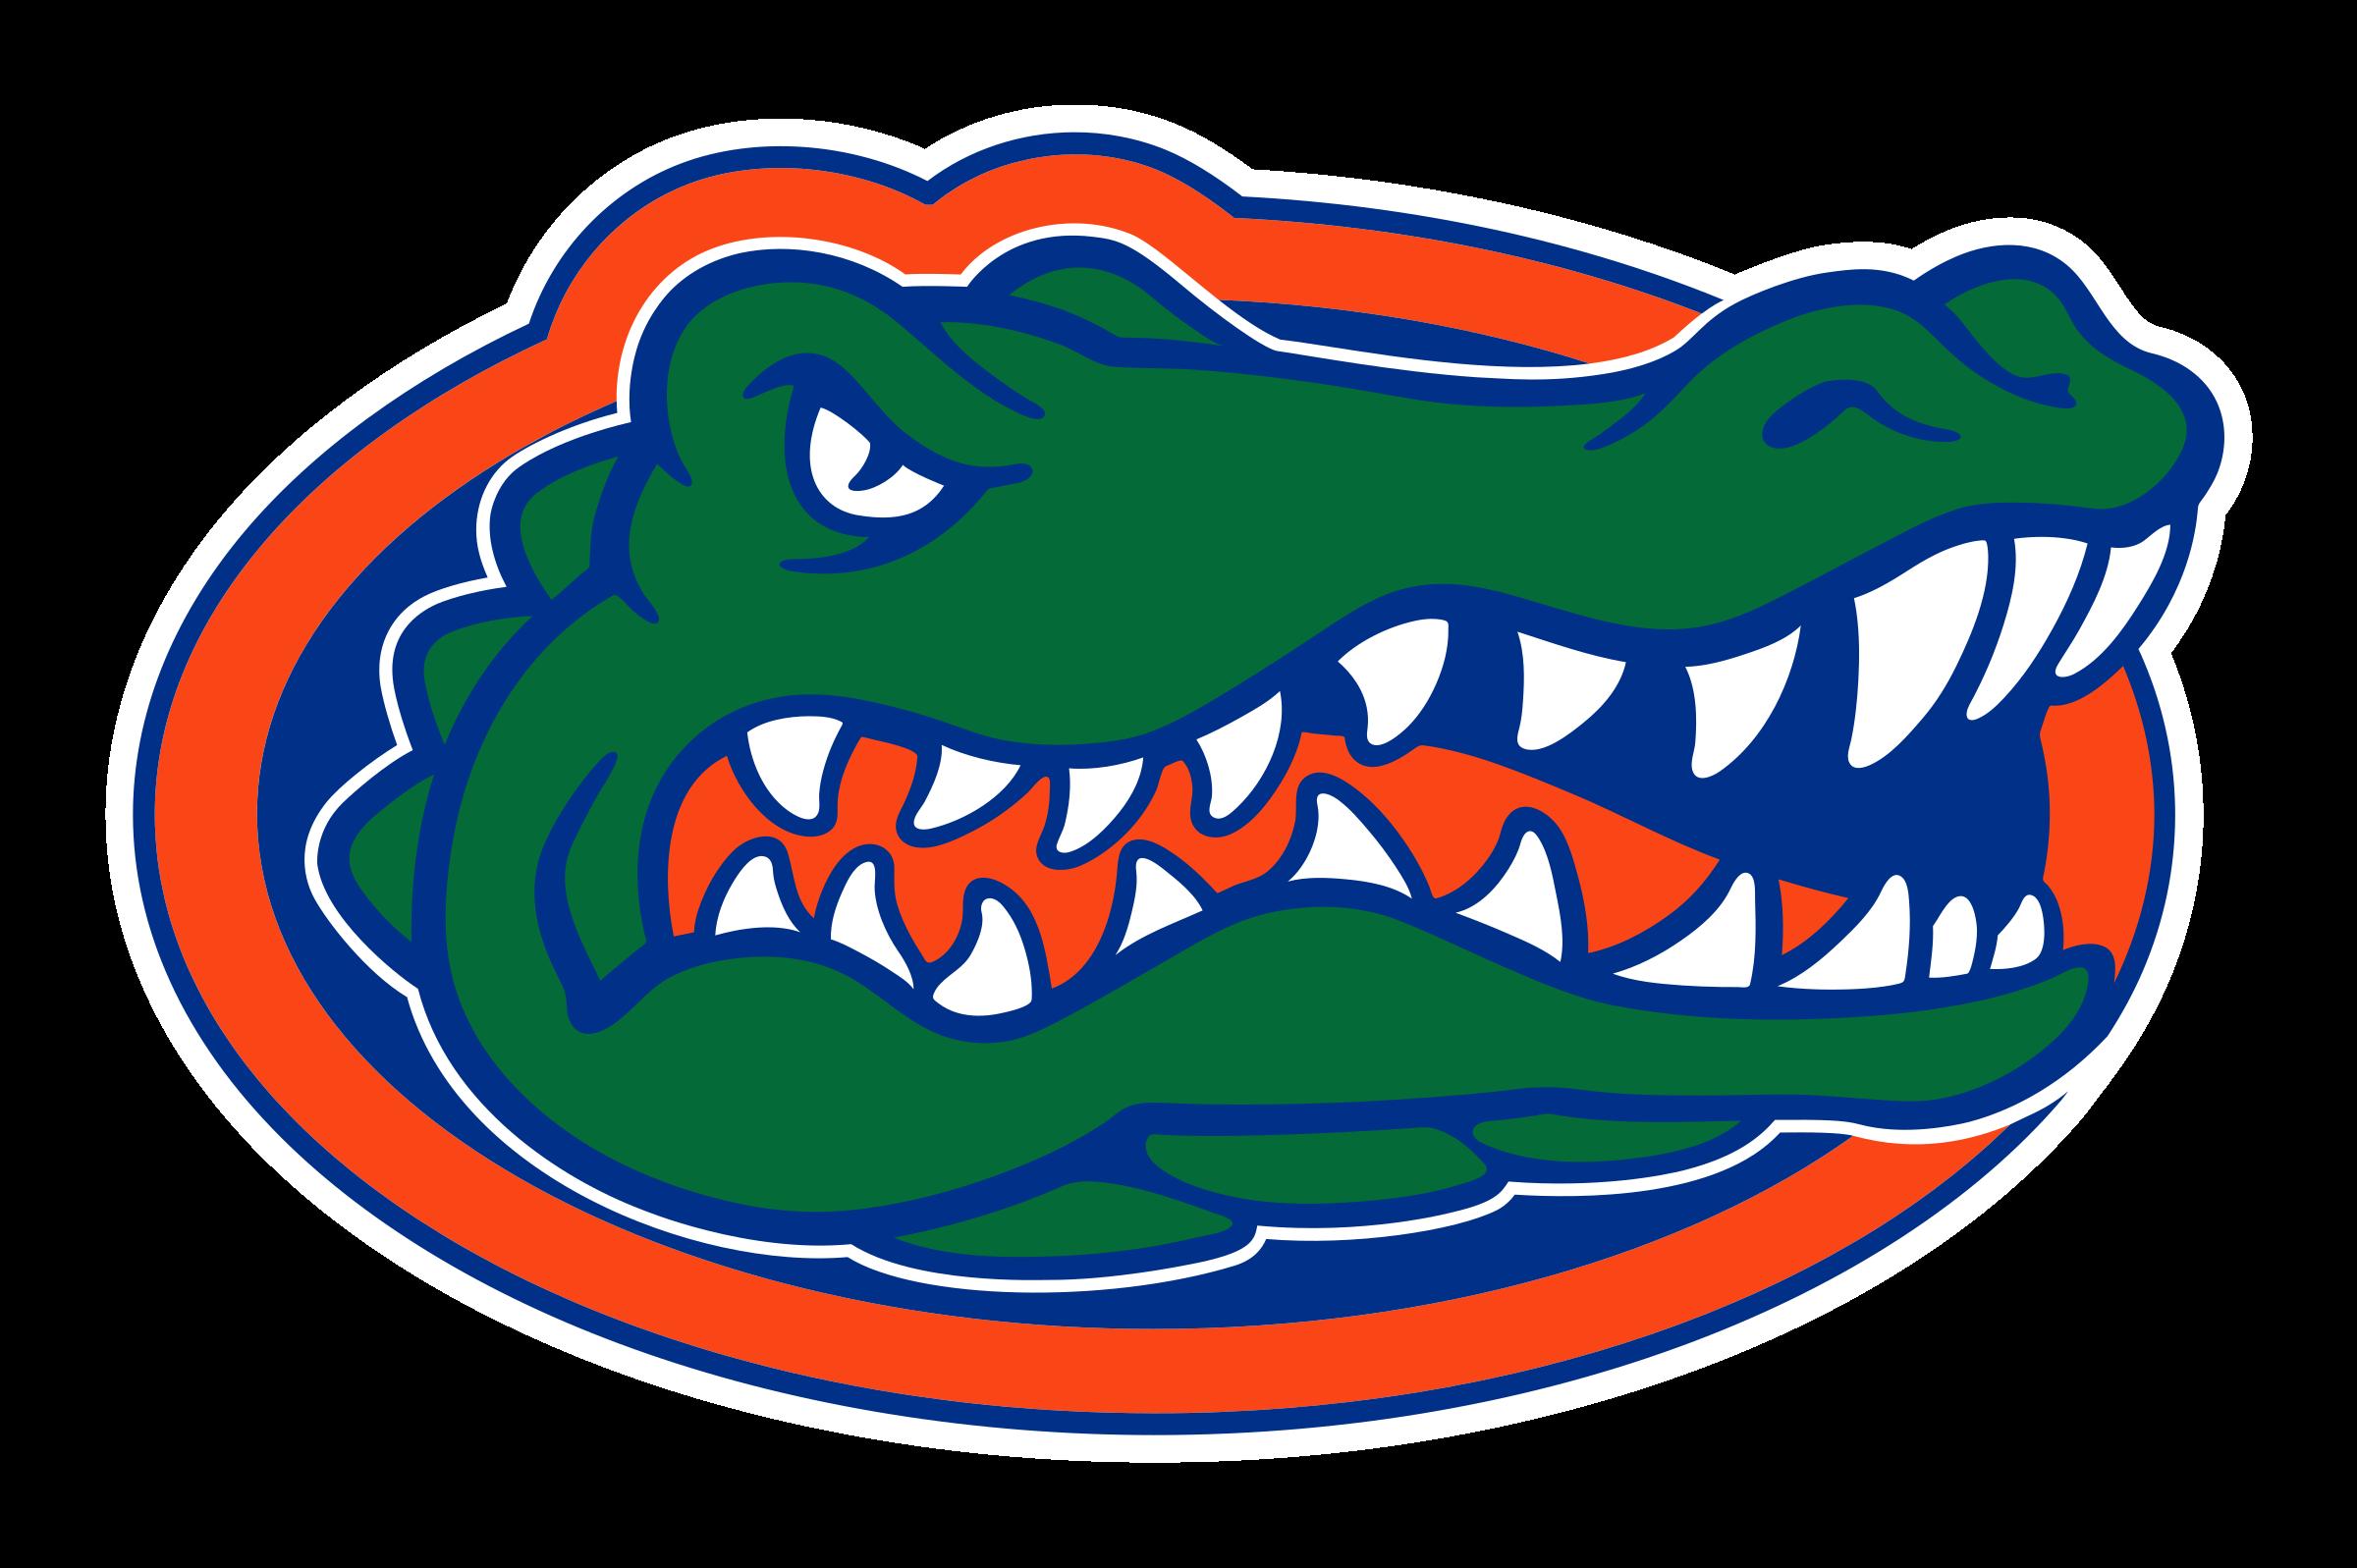 svg royalty free stock Florida Gators Clipart at GetDrawings